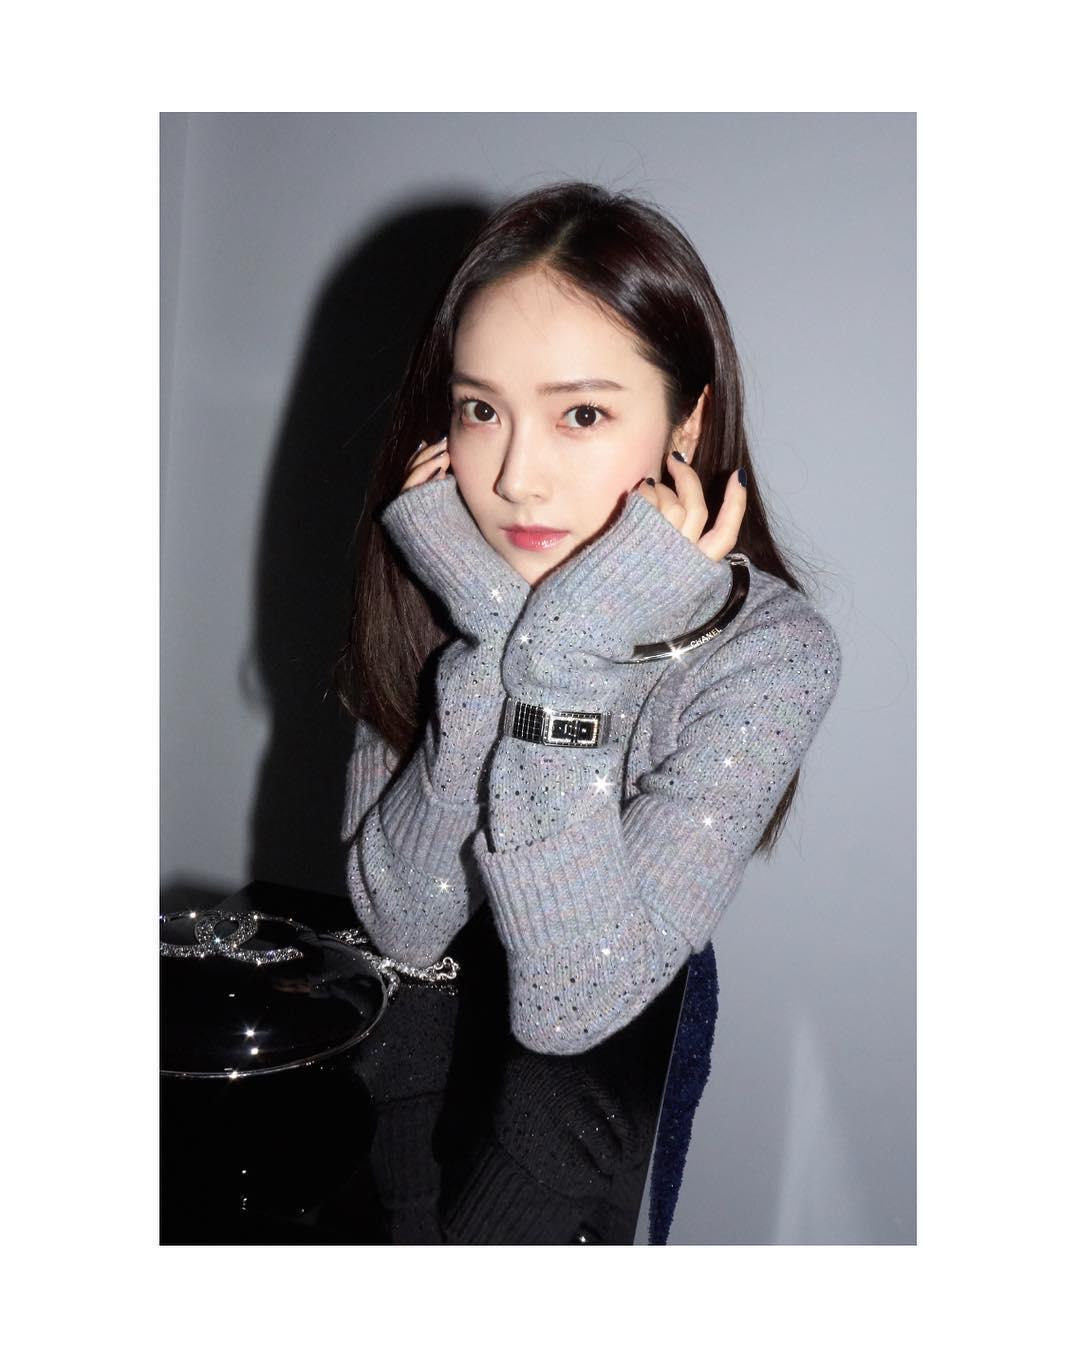 潔西卡→대다나다 (대단하다) 潔西卡在廣播電台節目中無心說出的一句話,沒想到竟成為韓國年輕人的流行語XDDD